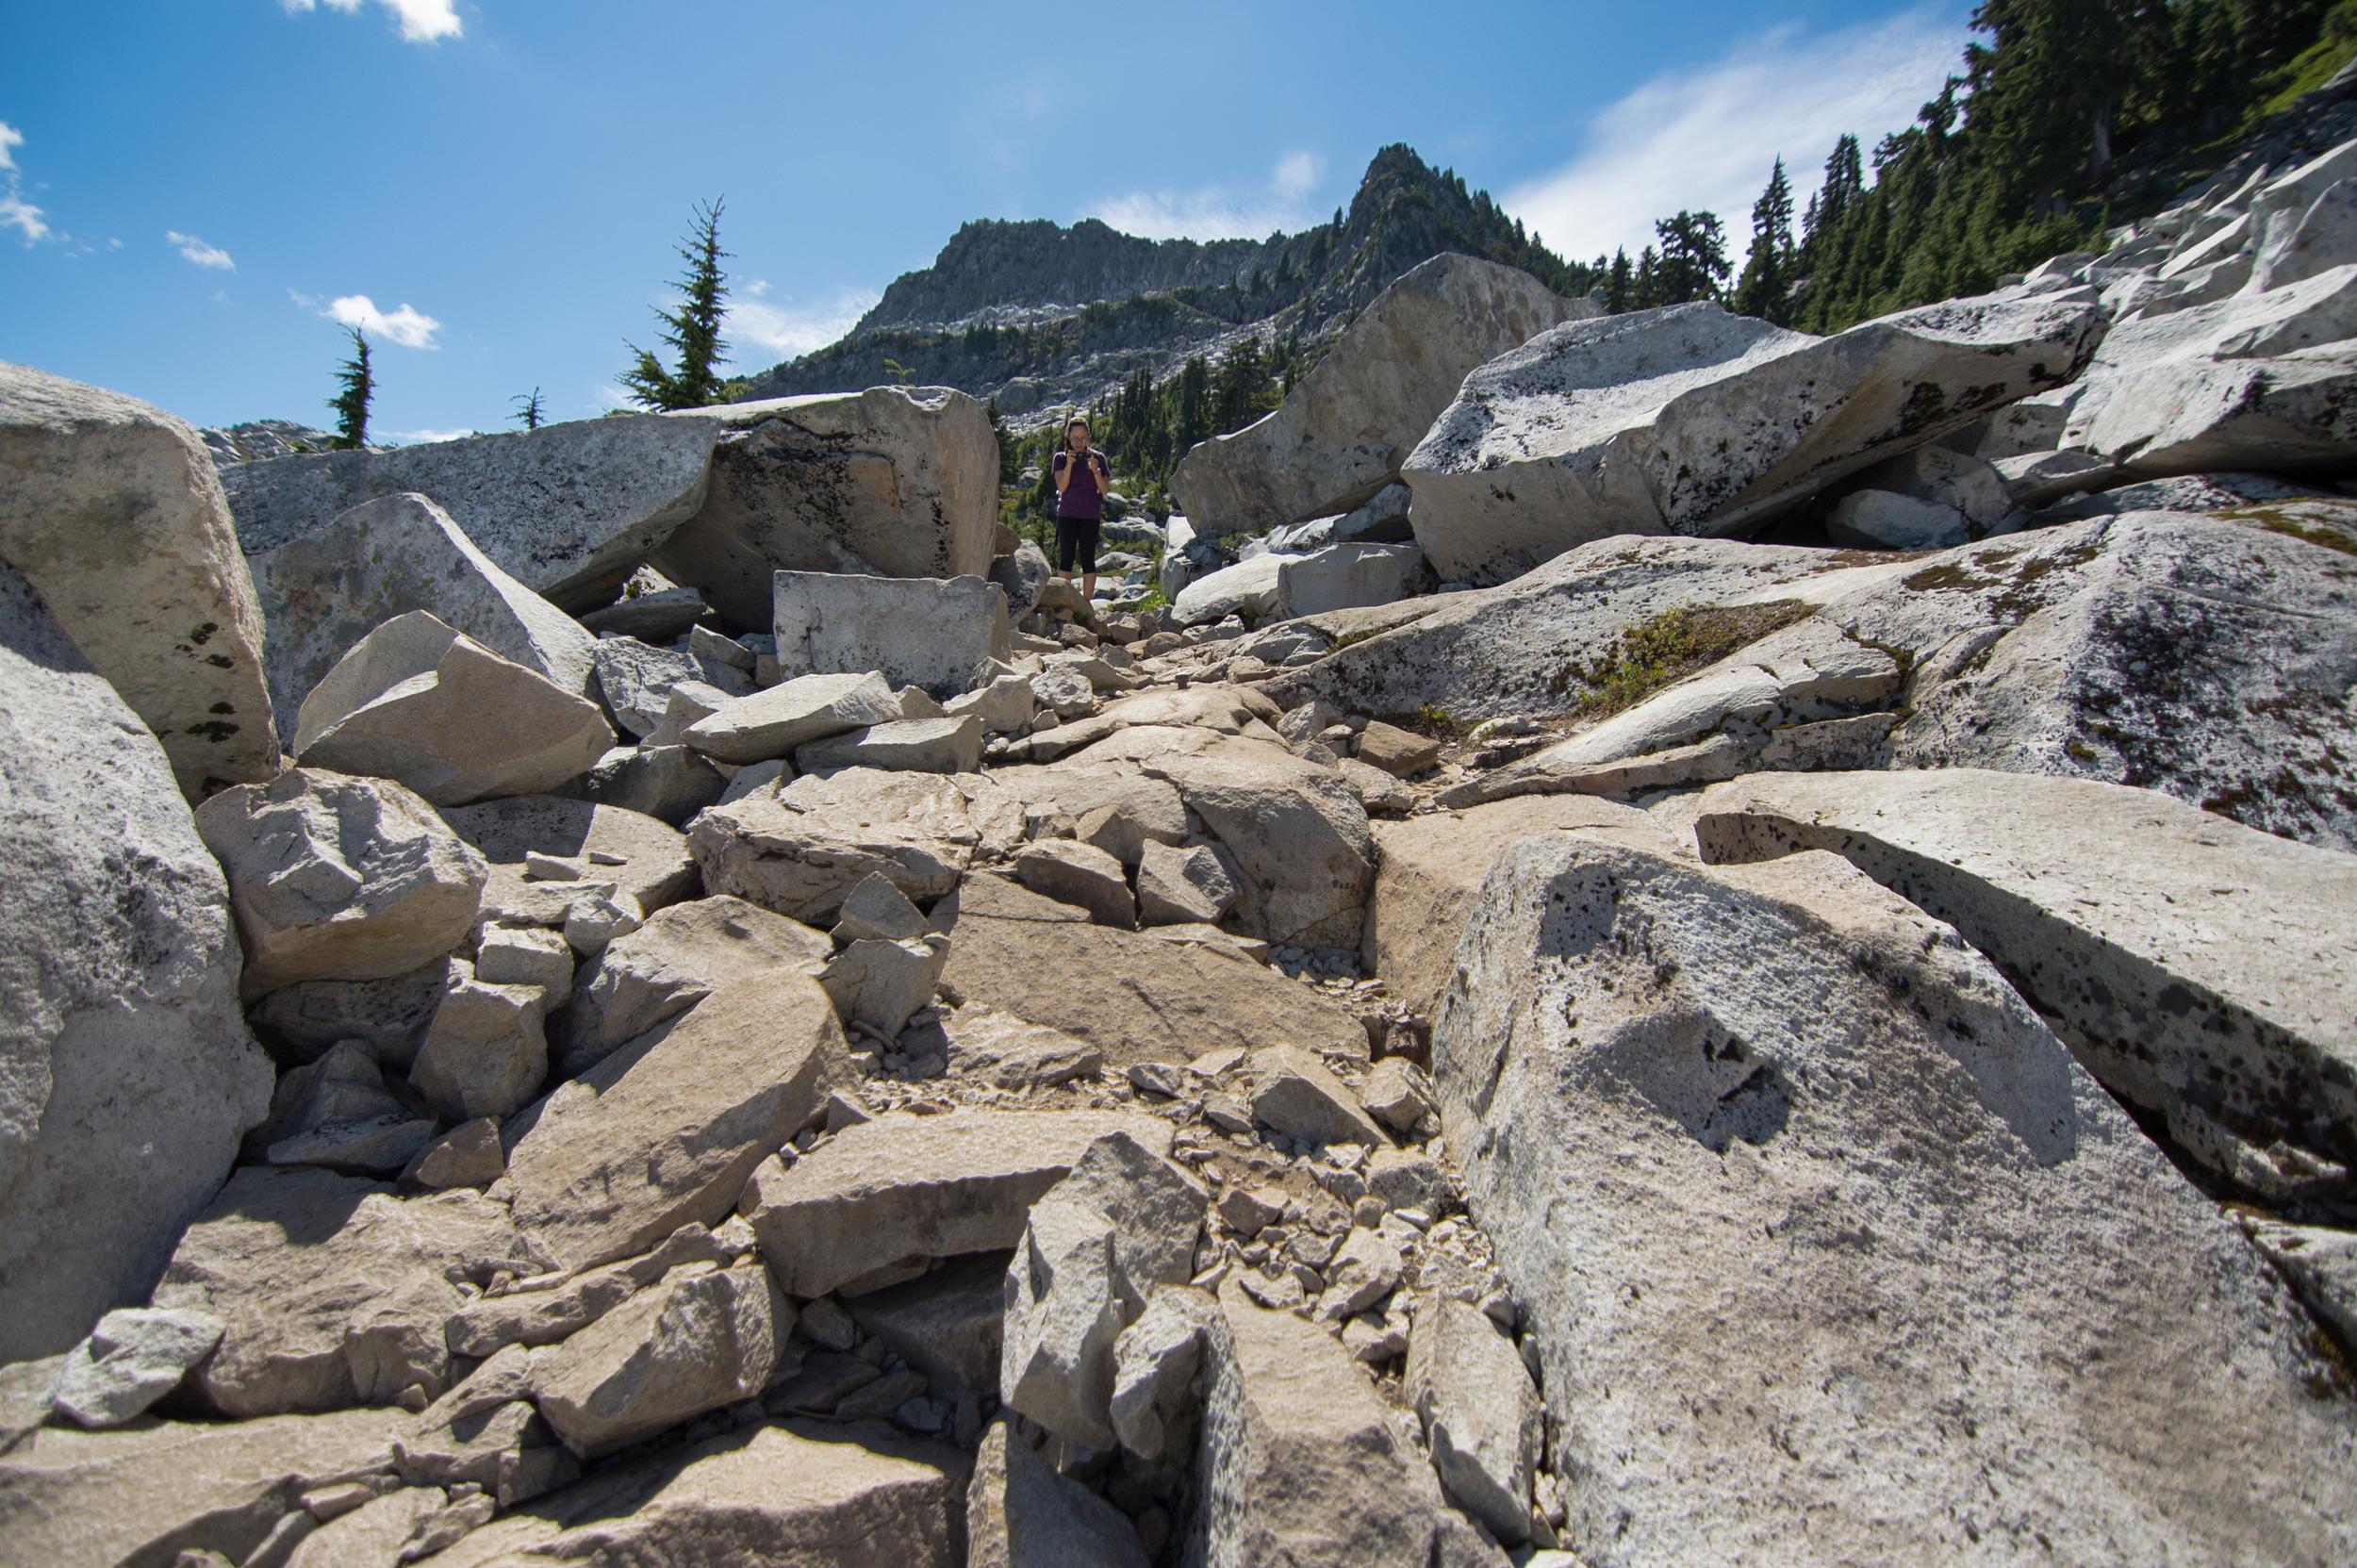 Mount_Pilchuck-17.jpg